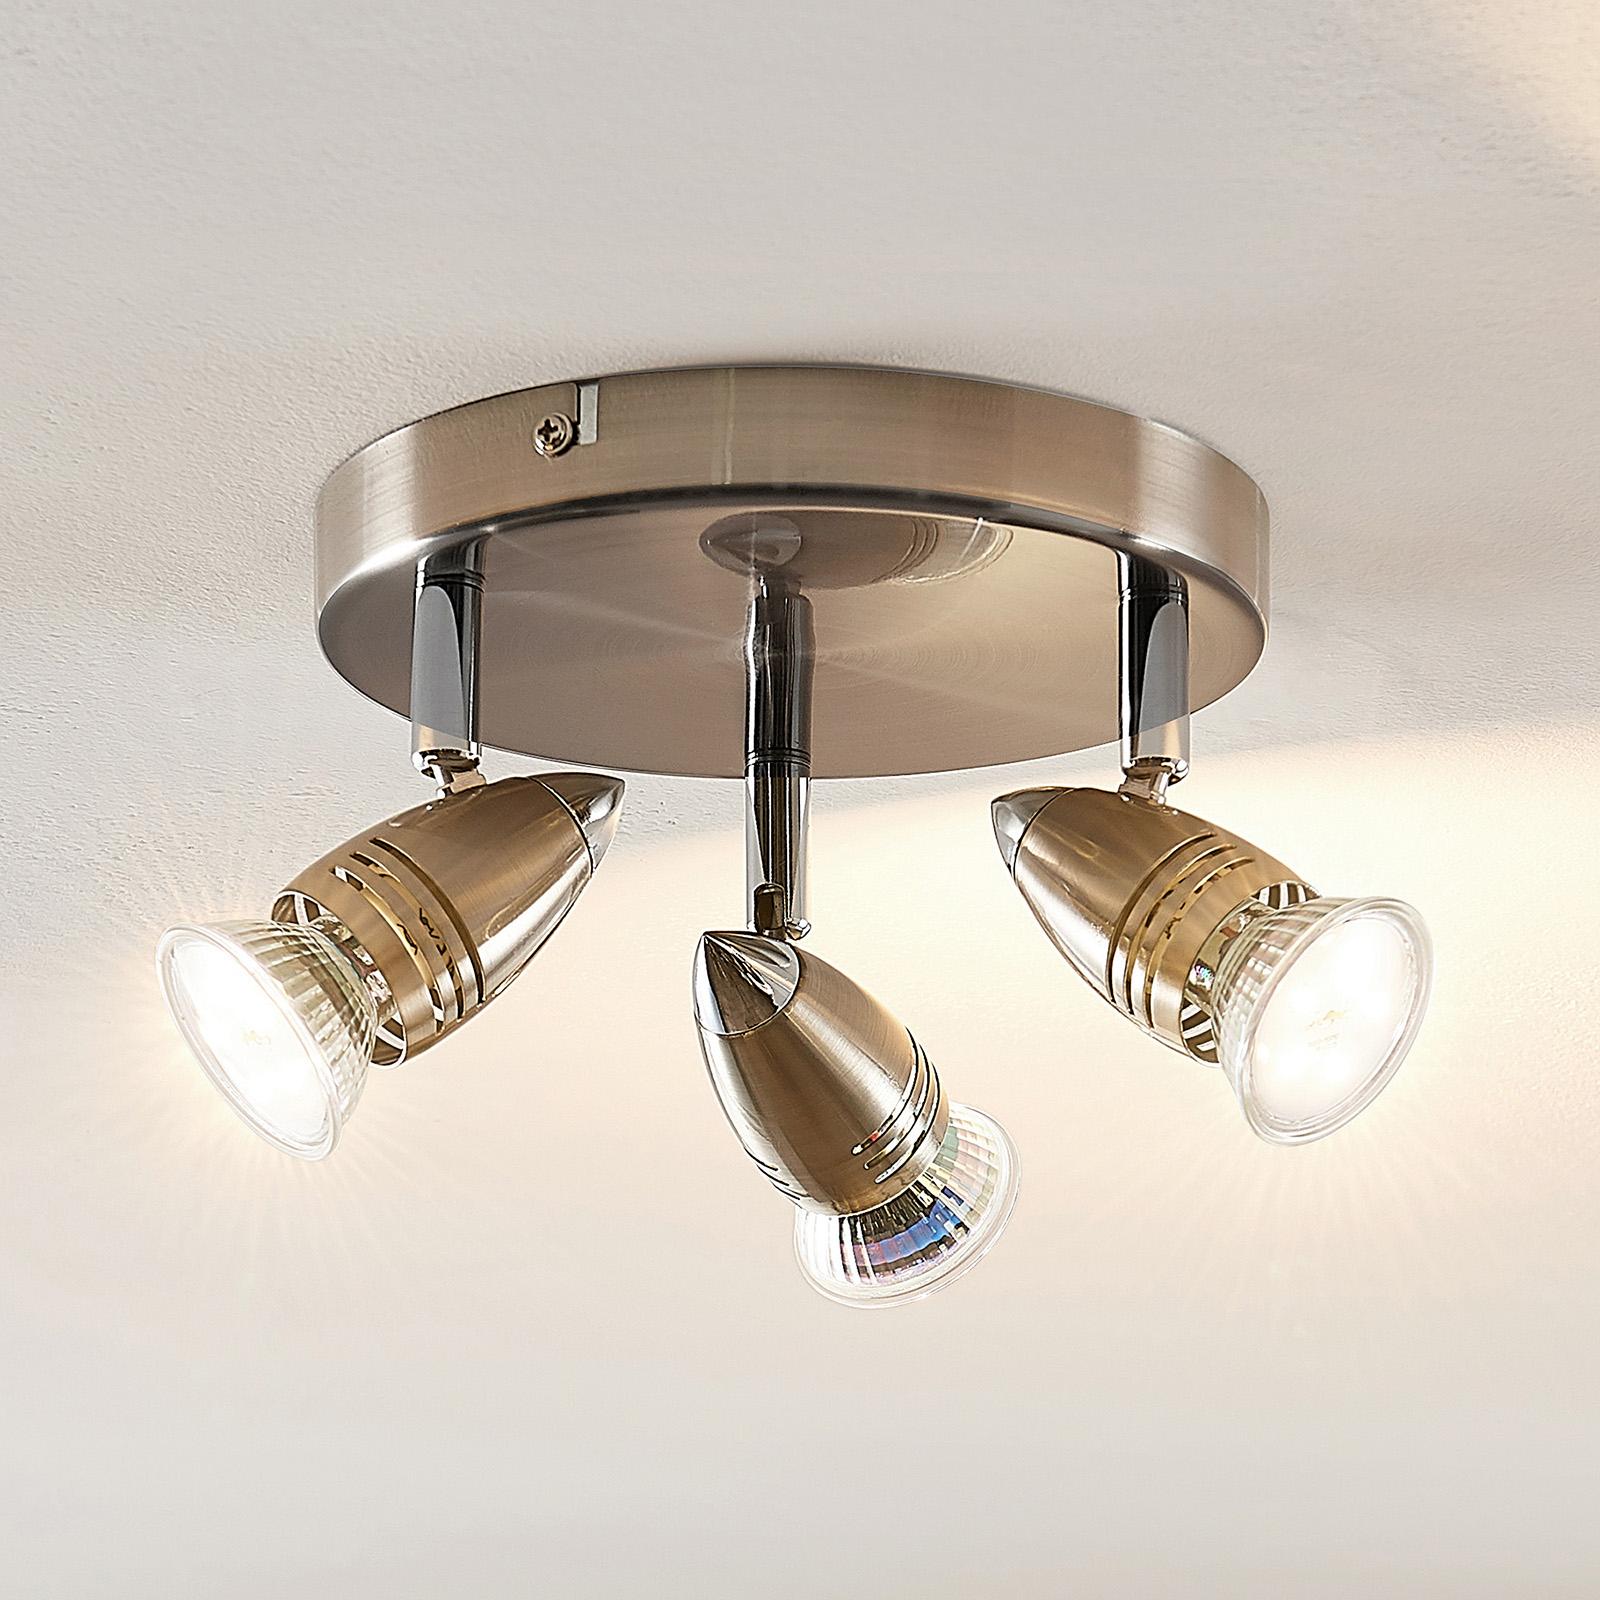 ELC Kalean LED-loftspot, nikkel, 3 lyskilder